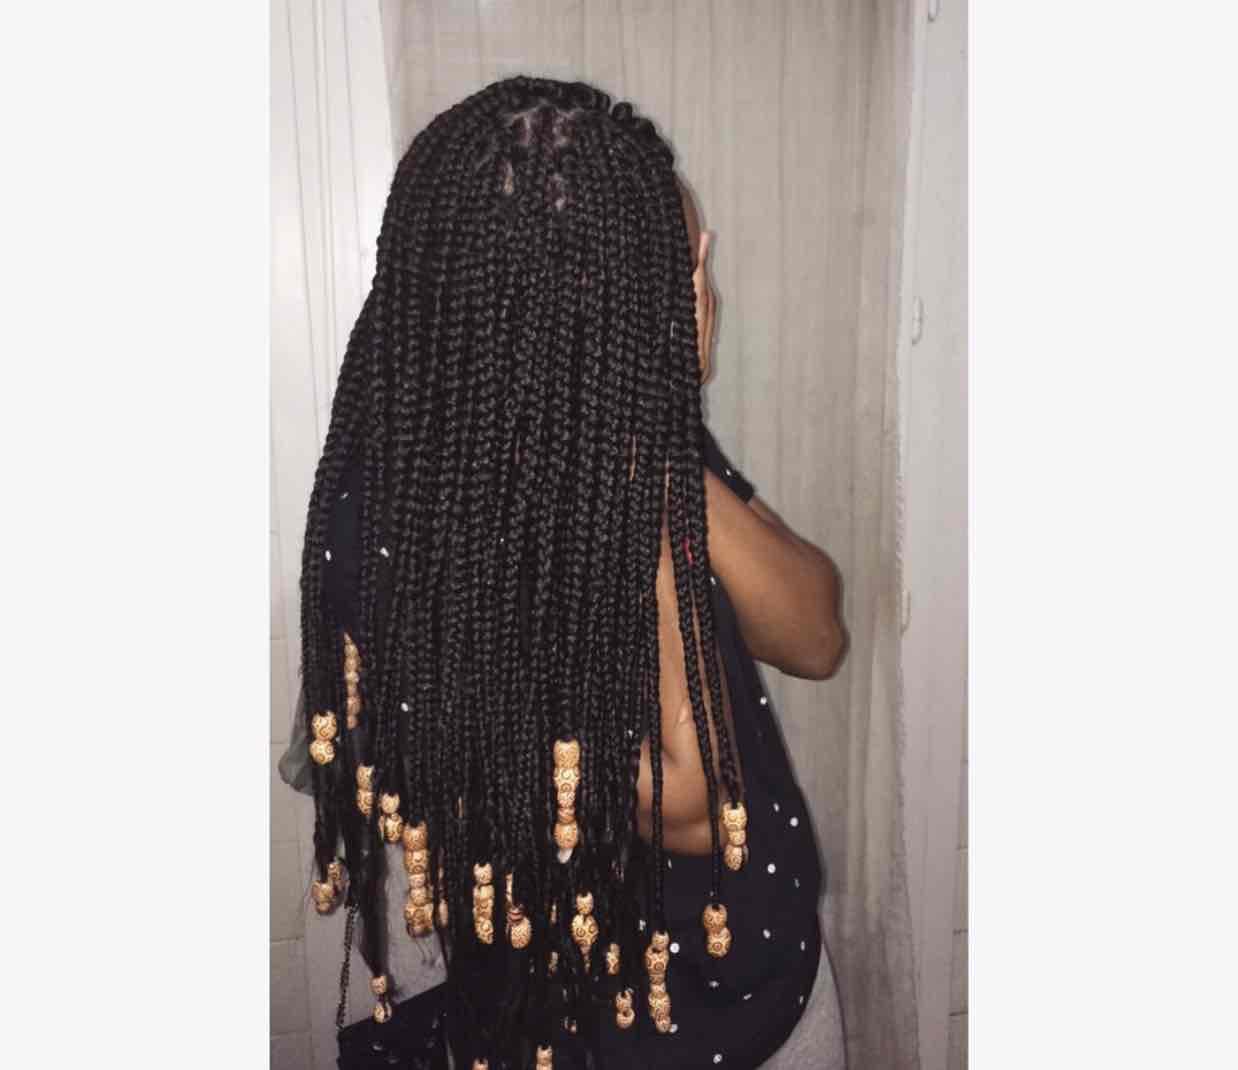 salon de coiffure afro tresse tresses box braids crochet braids vanilles tissages paris 75 77 78 91 92 93 94 95 PTACTJEJ